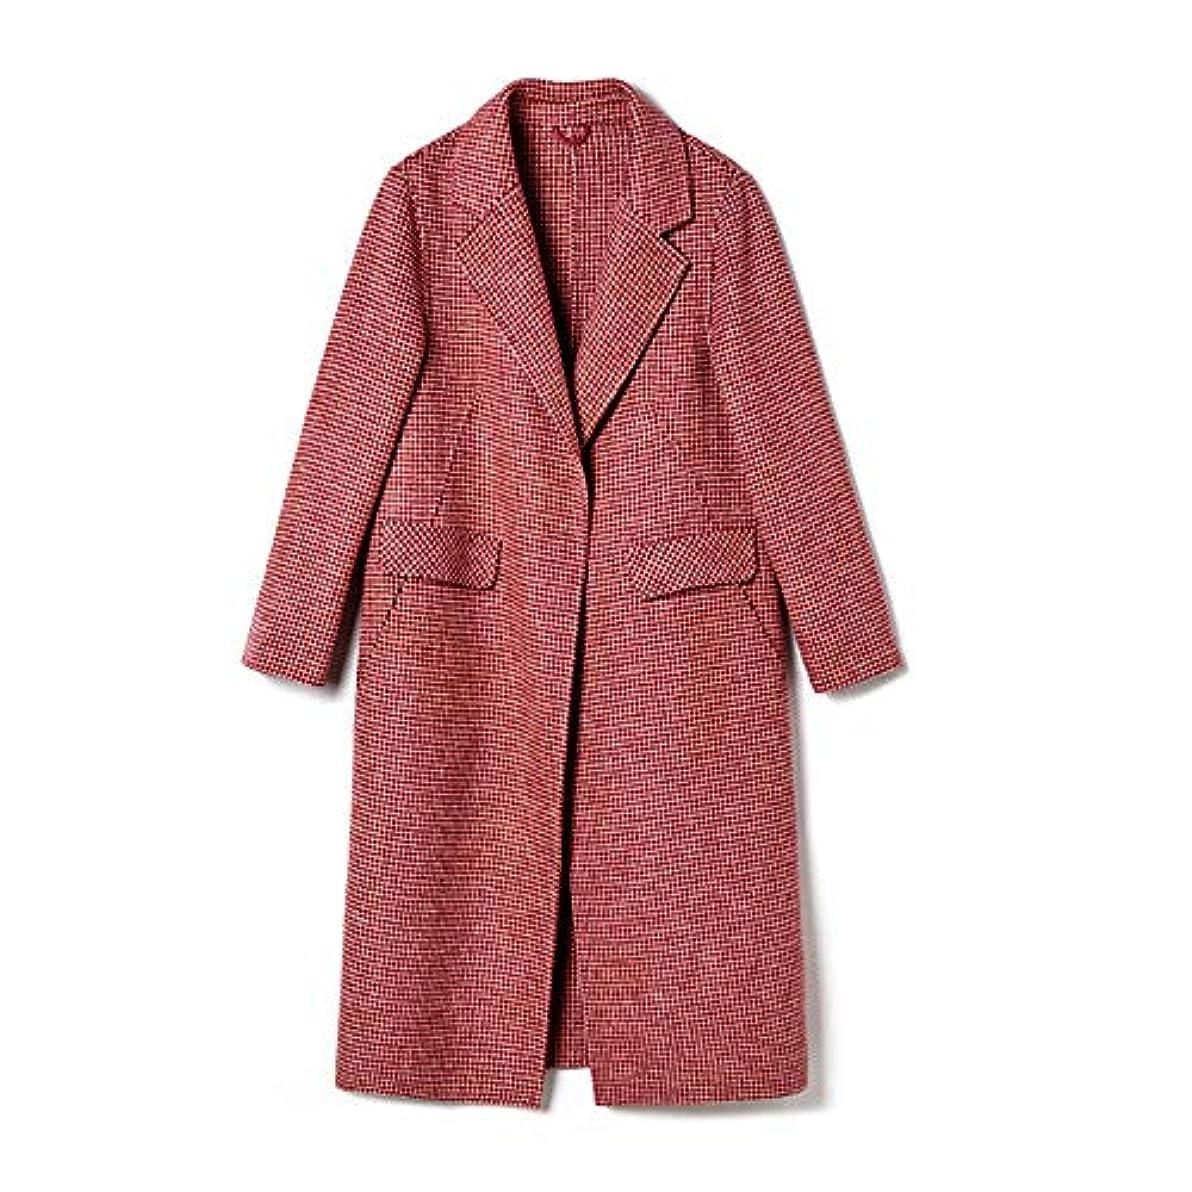 受益者流出歴史的両面カシミヤのコート、長いセクションレディースコートレディースウインドブレーカージャケット女性の秋と冬人気のウールウールコート,M